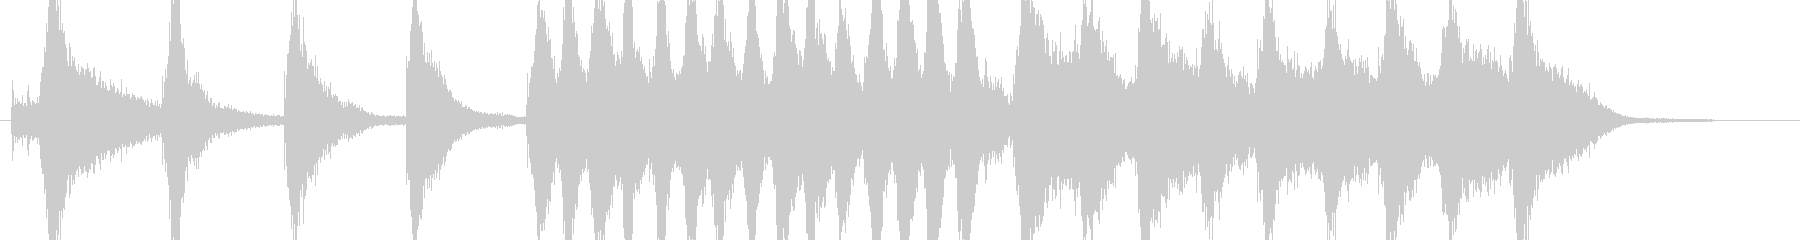 オーケストラ、マーチのんの未再生の波形